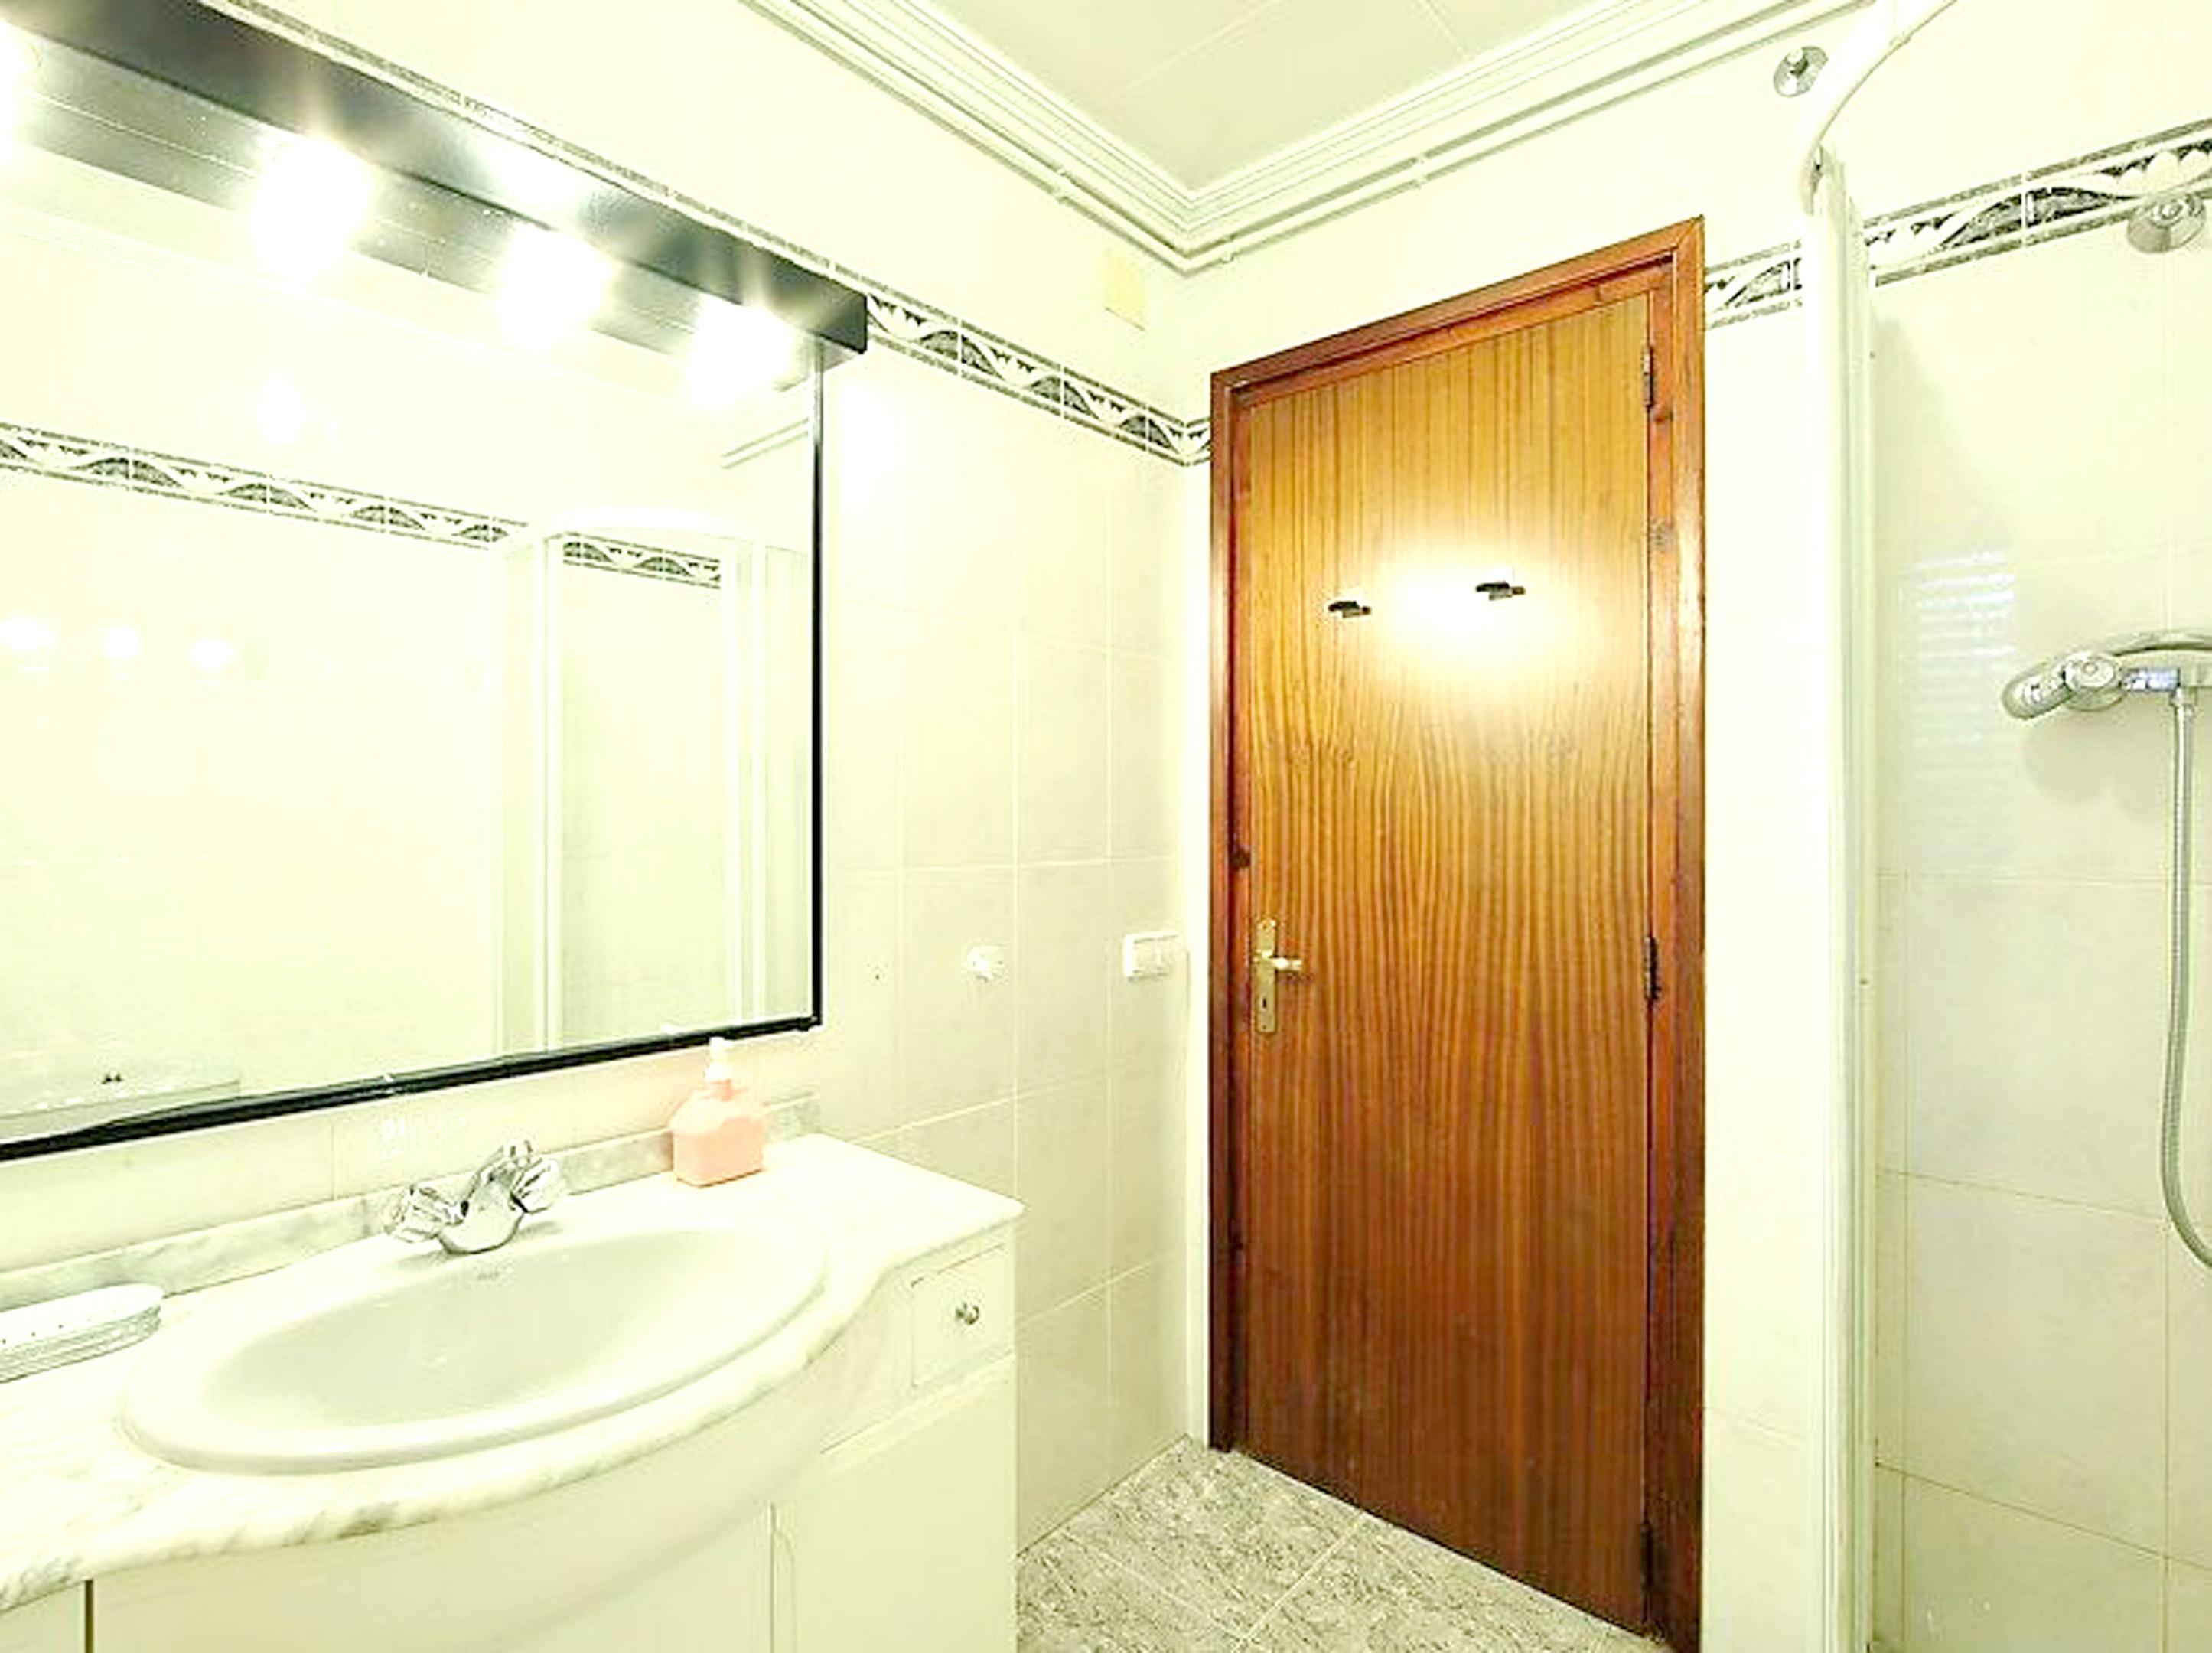 Ferienhaus Villa mit 6 Schlafzimmern in Canyelles mit toller Aussicht auf die Berge, privatem Pool, e (2339365), Canyelles, Costa del Garraf, Katalonien, Spanien, Bild 20